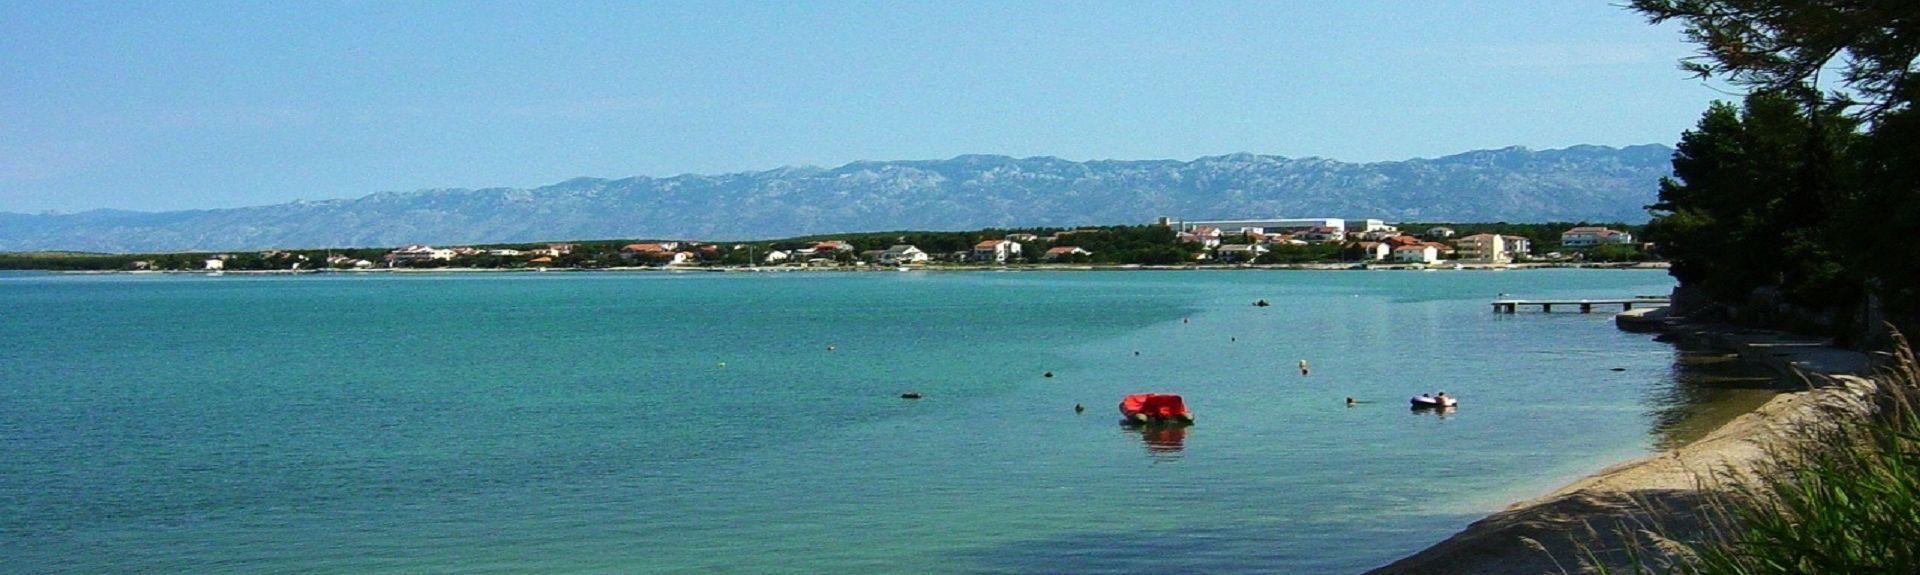 Zaton (Pohjois-Dalmatia), Zadarin piirikunta, HR